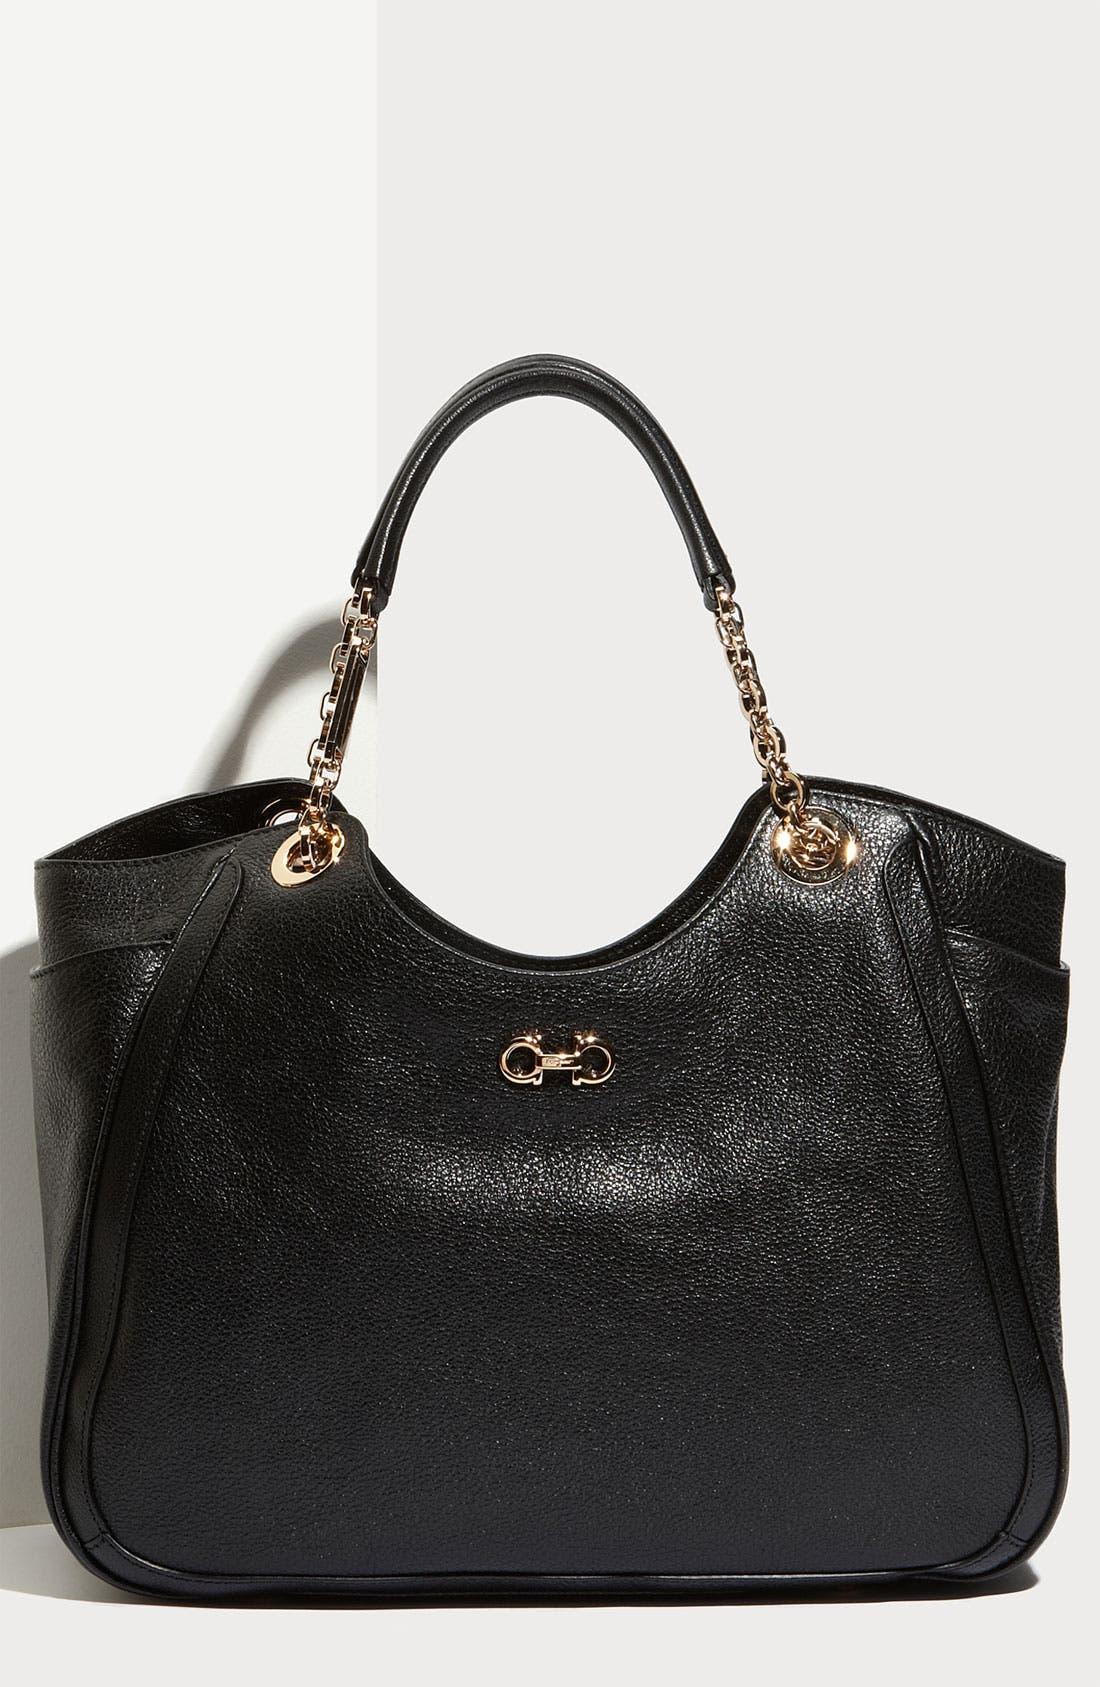 Main Image - Salvatore Ferragamo 'Betulla Chain' Leather Shopper